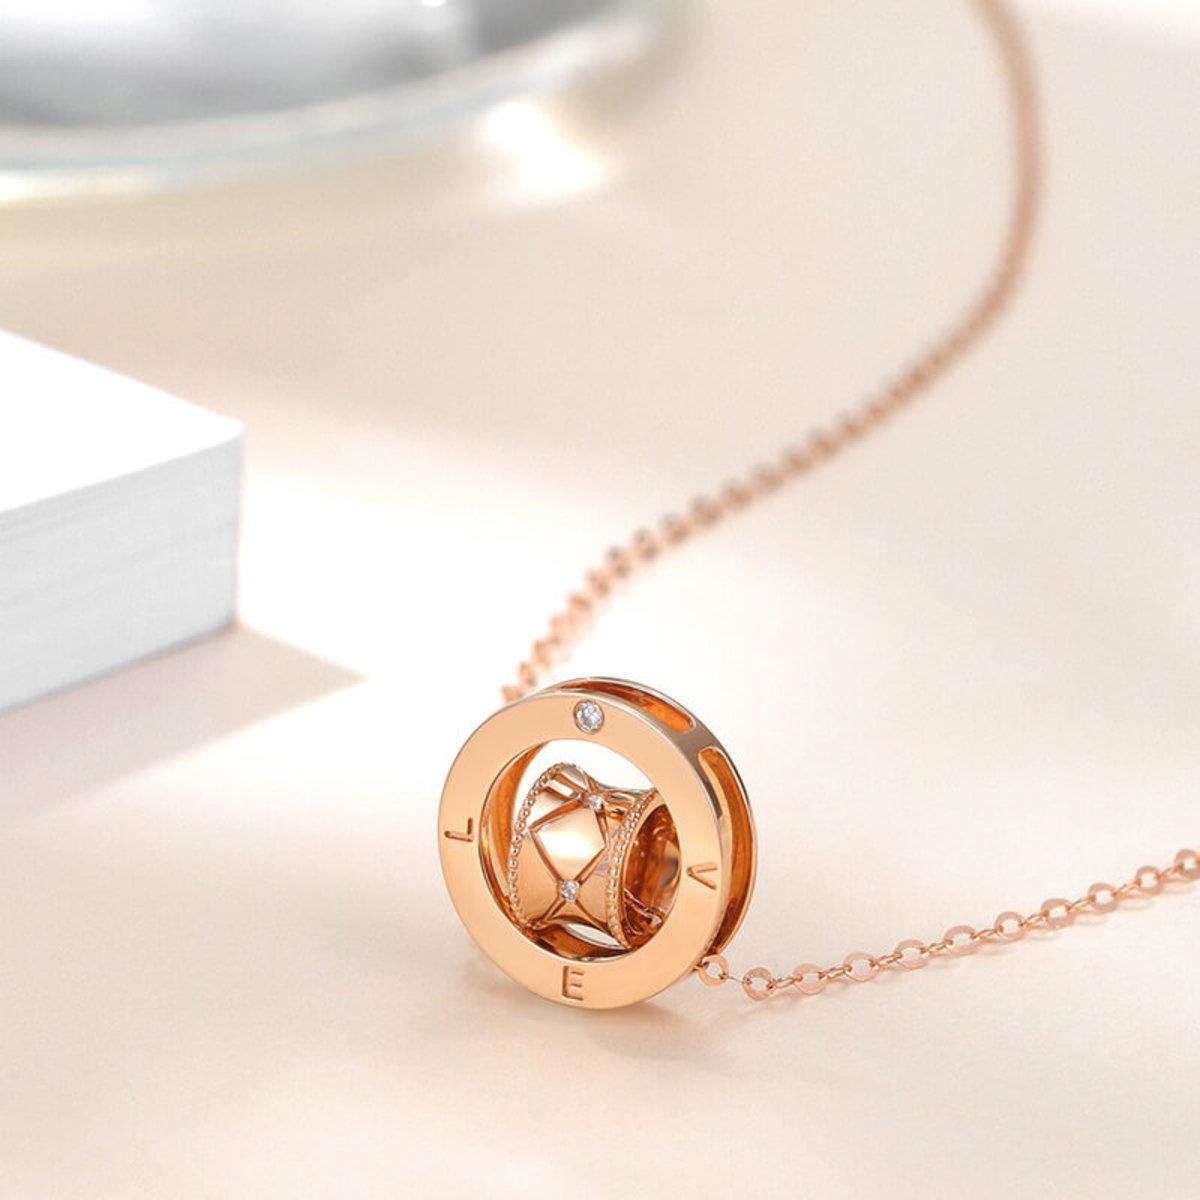 【BDD-Co.】18k玫瑰金 轉運珠鑽石項鏈